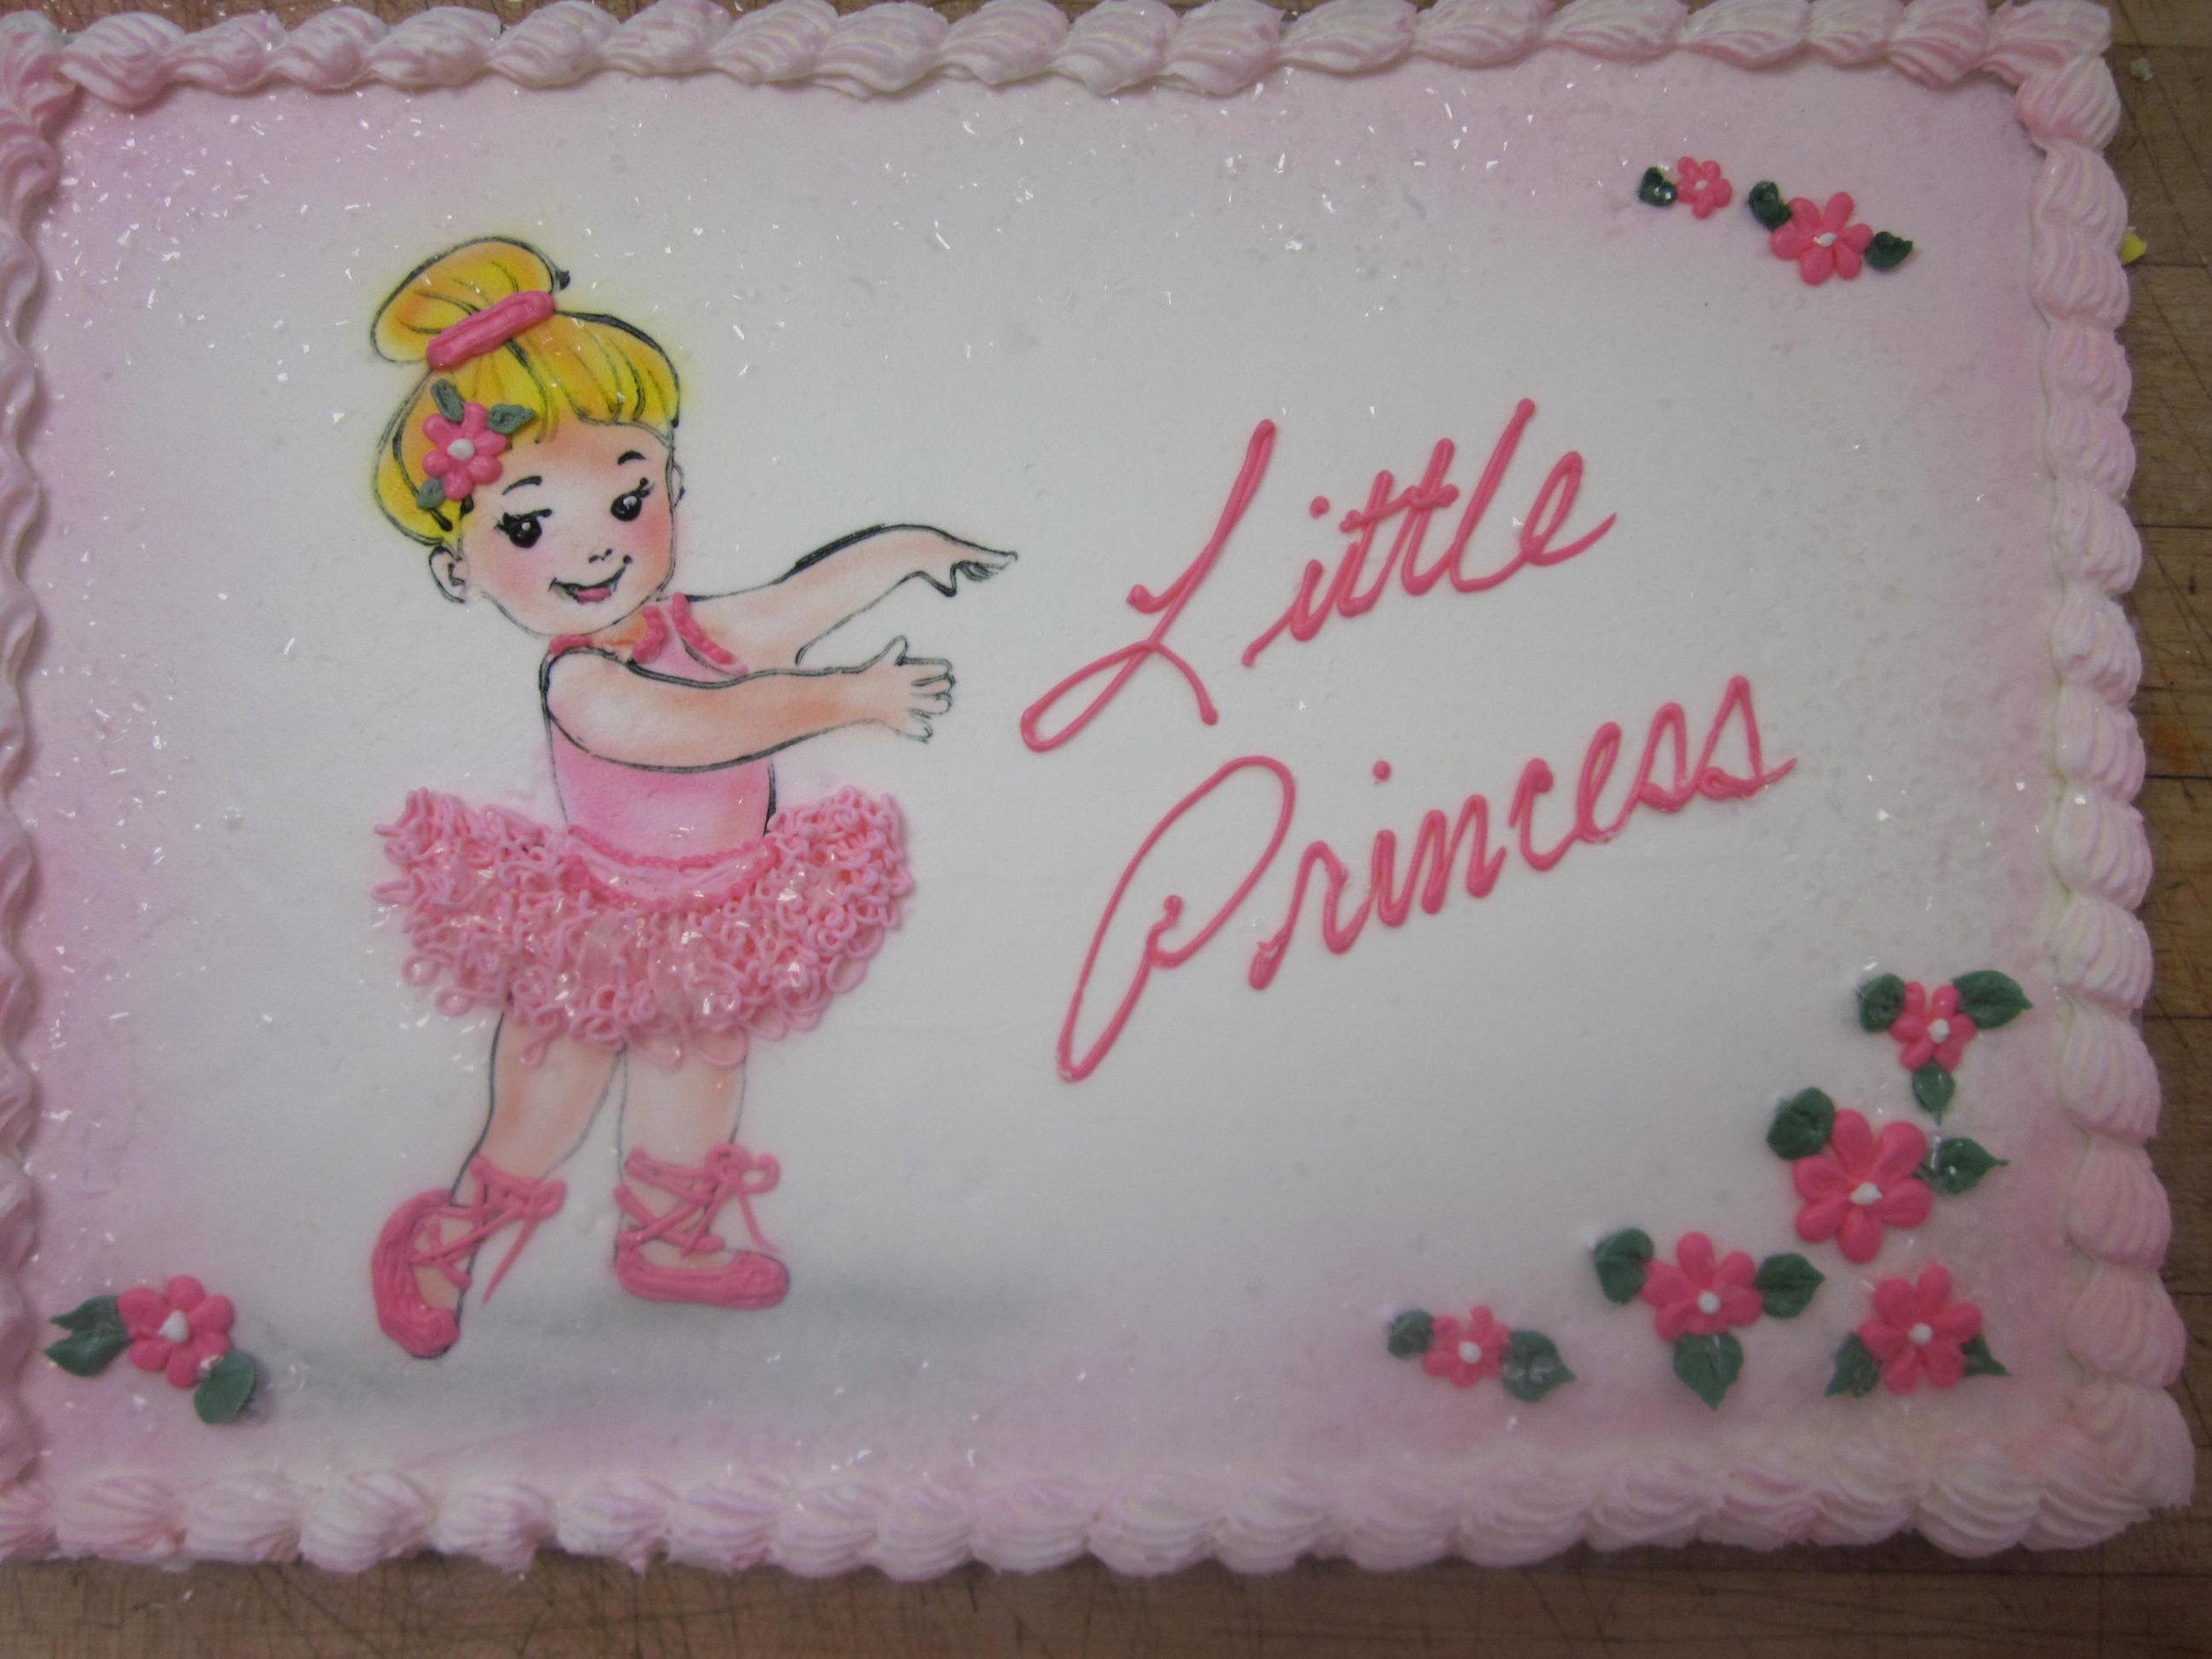 Ballerina Little Princess